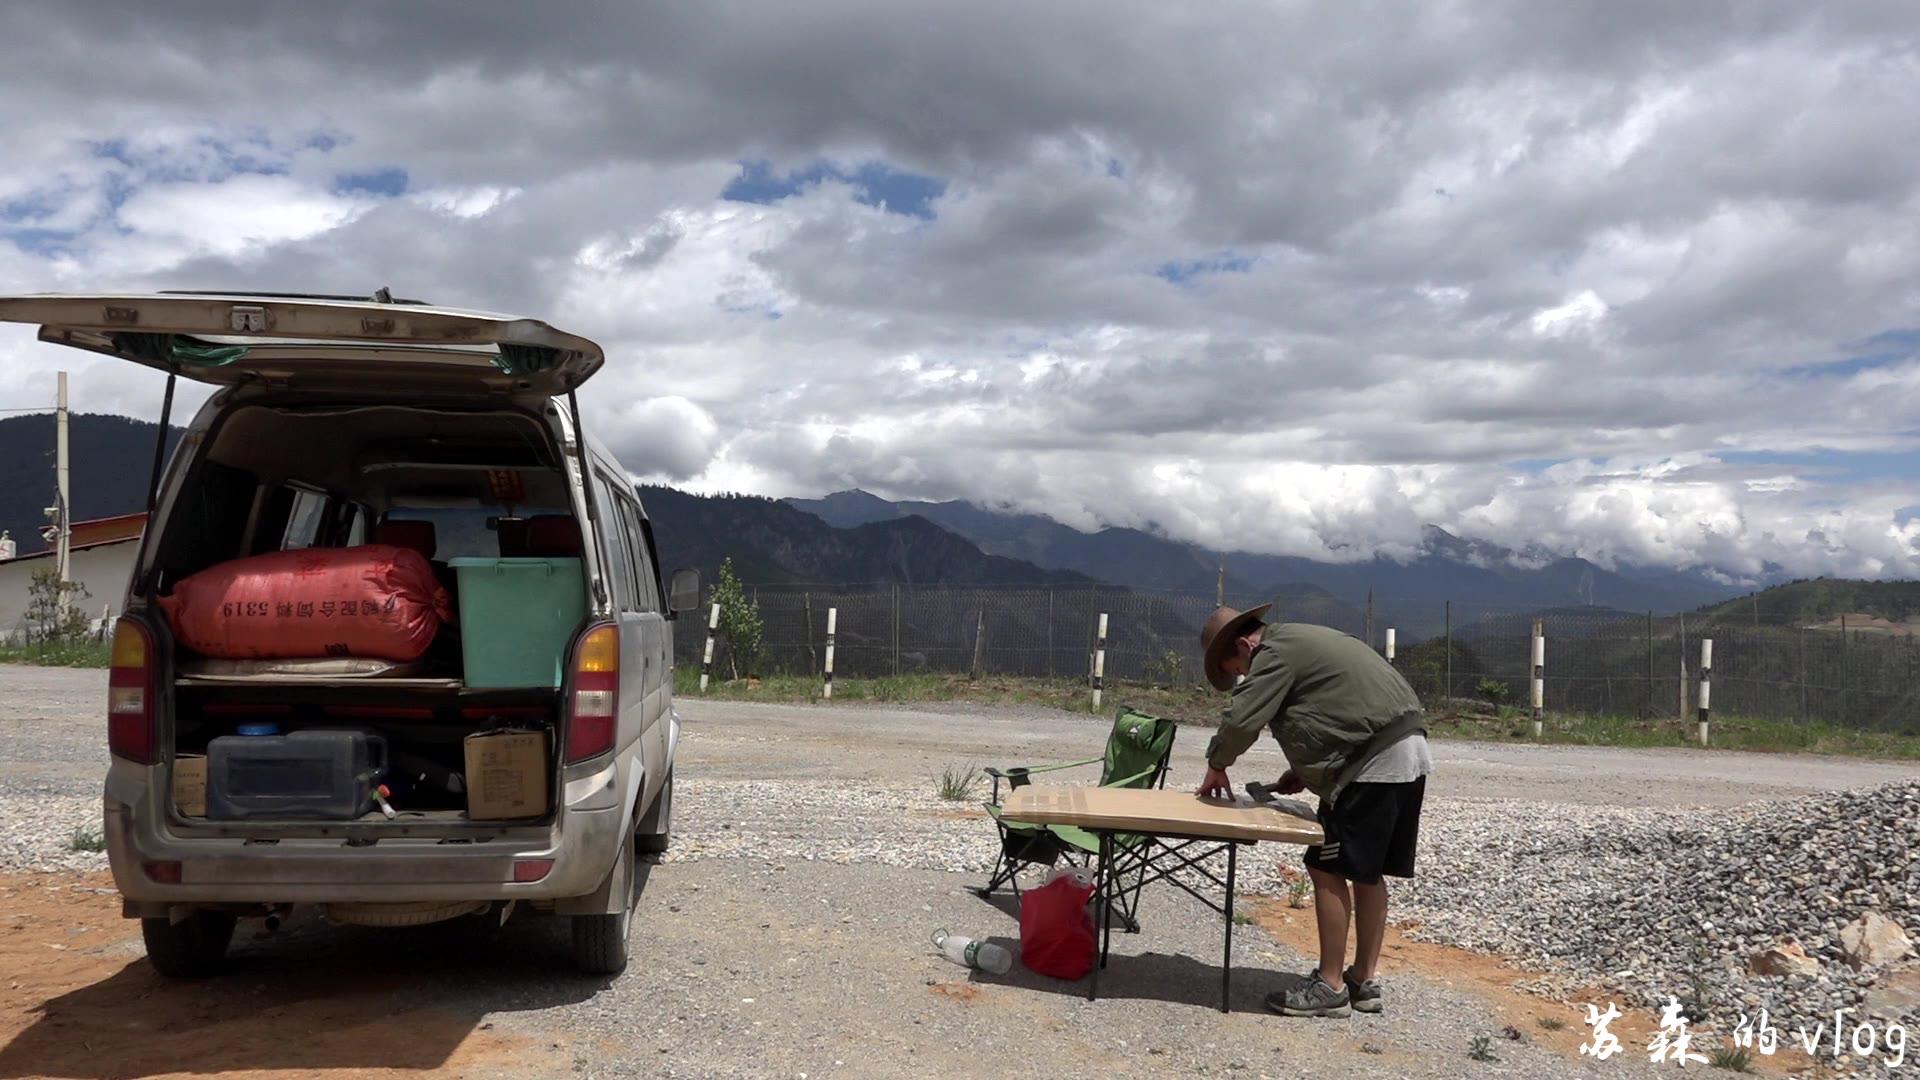 【苏森】小伙开面包车旅行西藏,看看他的生活用电是怎么解决的